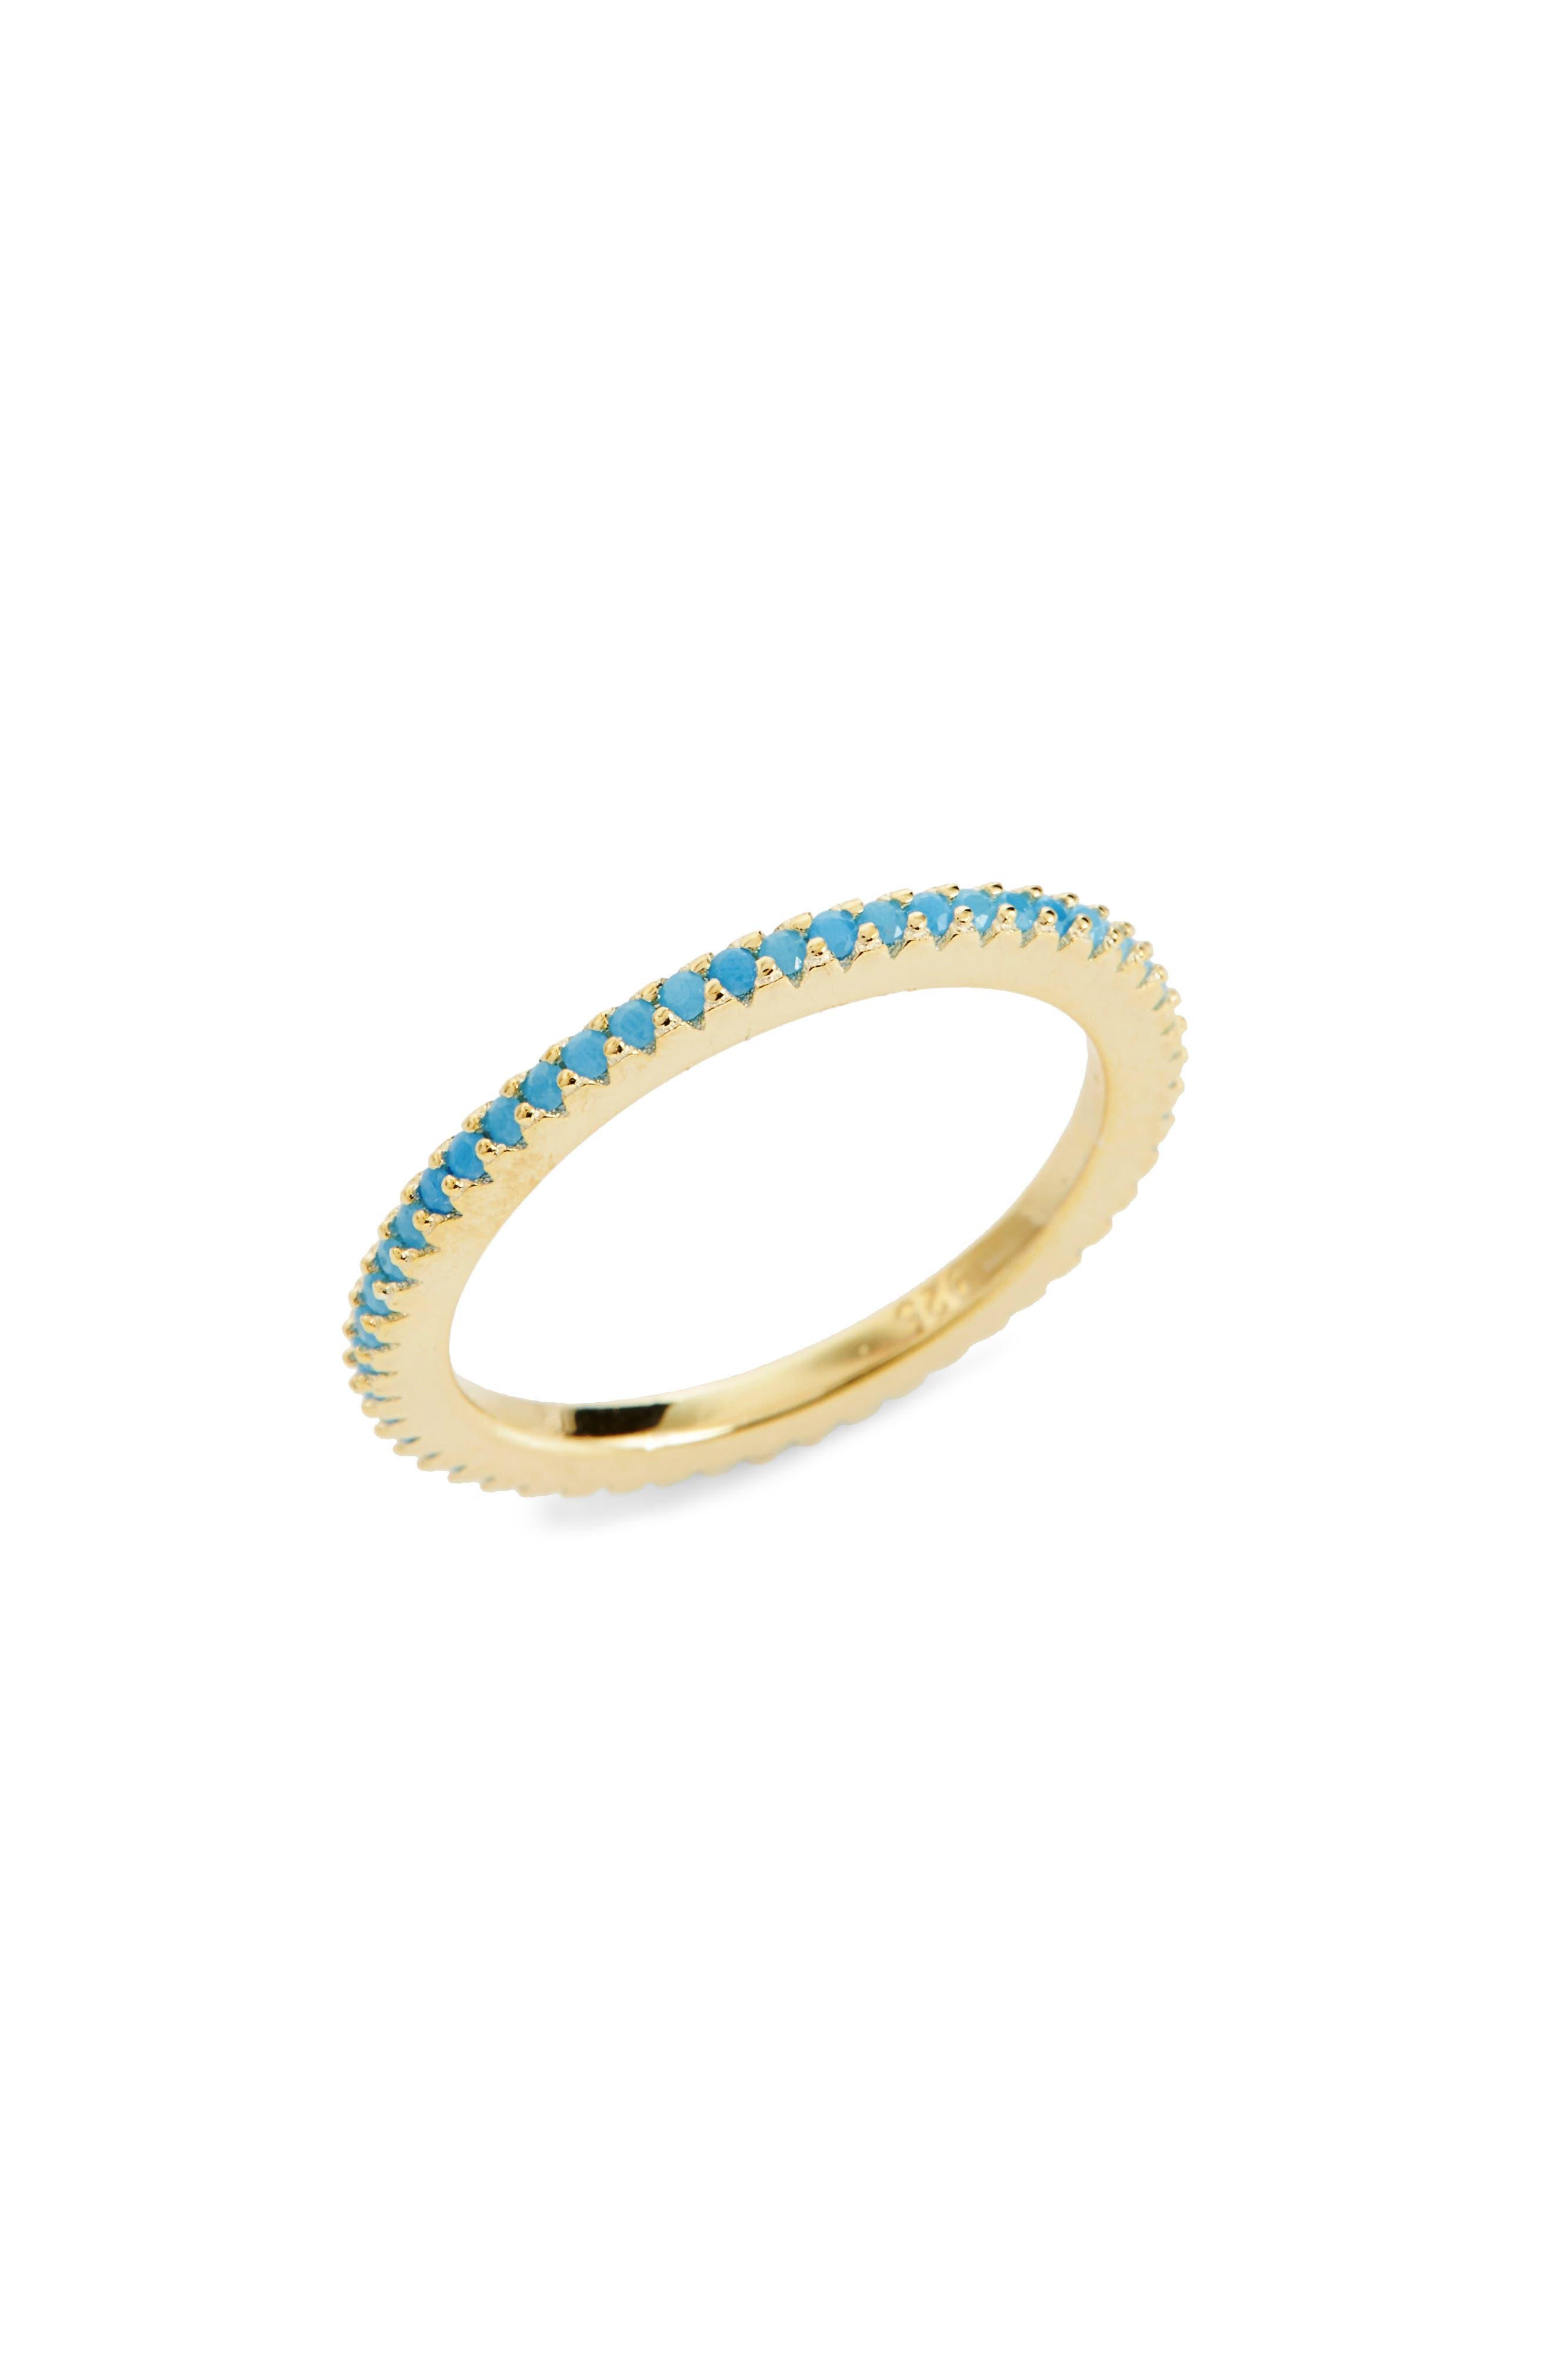 Karen London Ros Eternity Ring